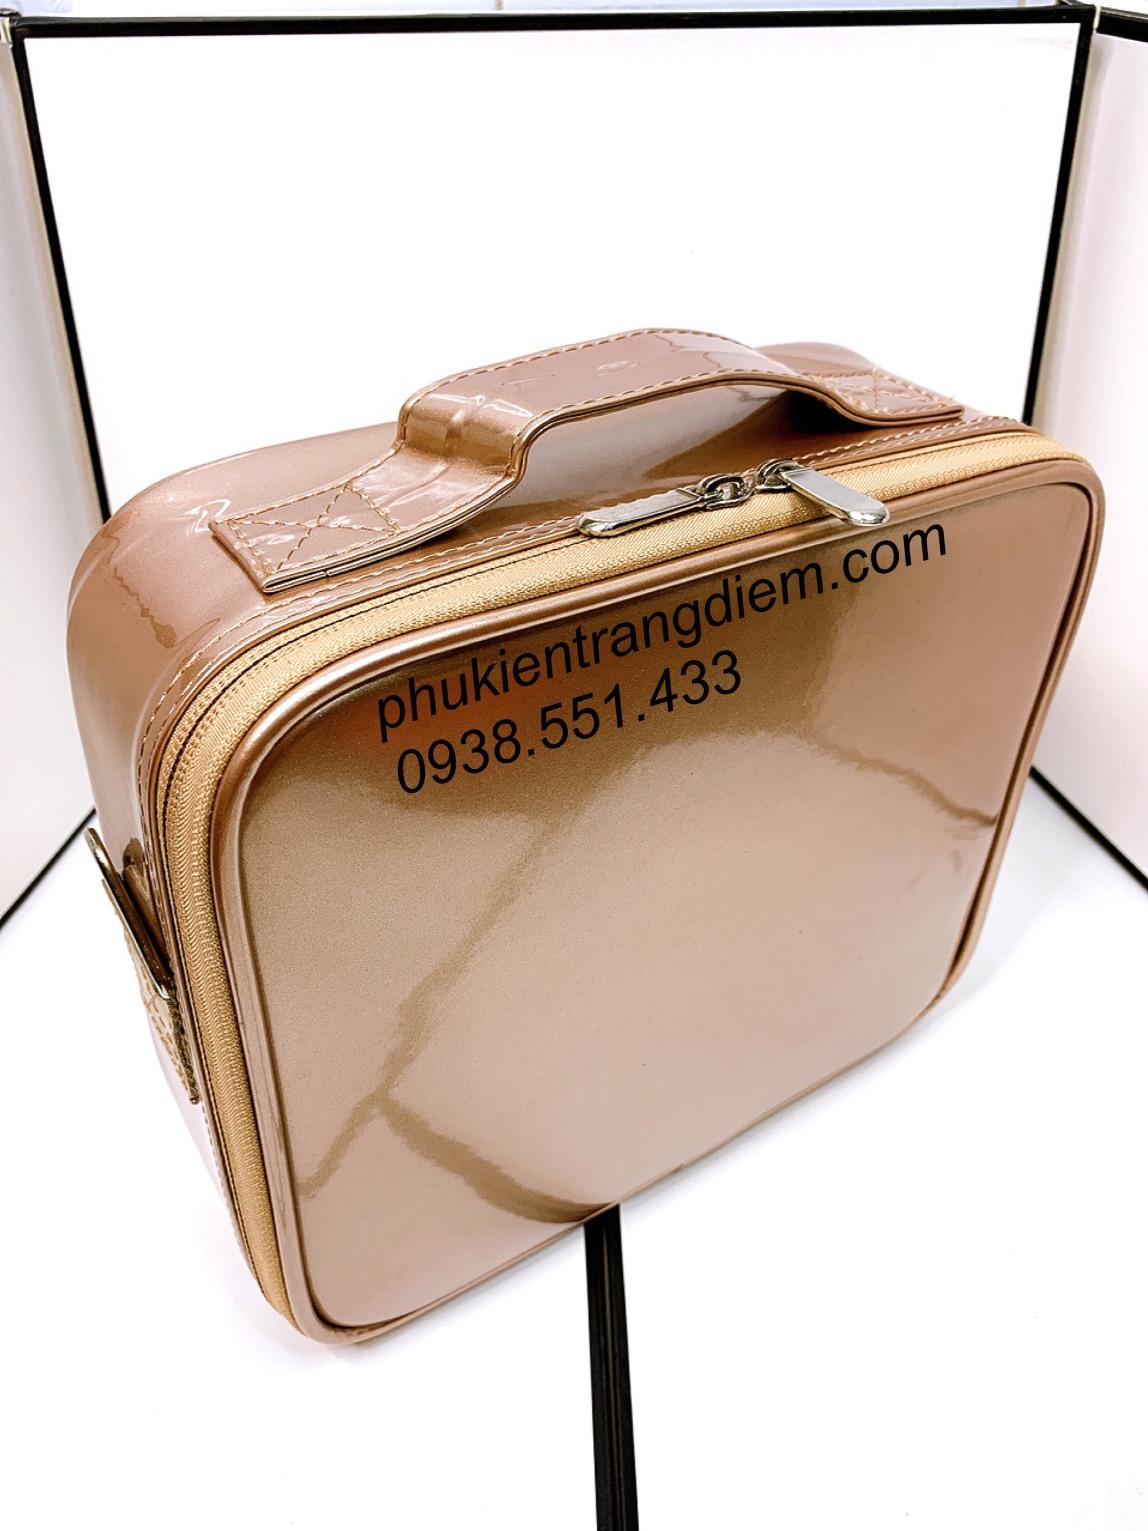 cốp túi đựng mỹ phẩm trang điểm cá nhân du lịch cao cấp giá rẻ